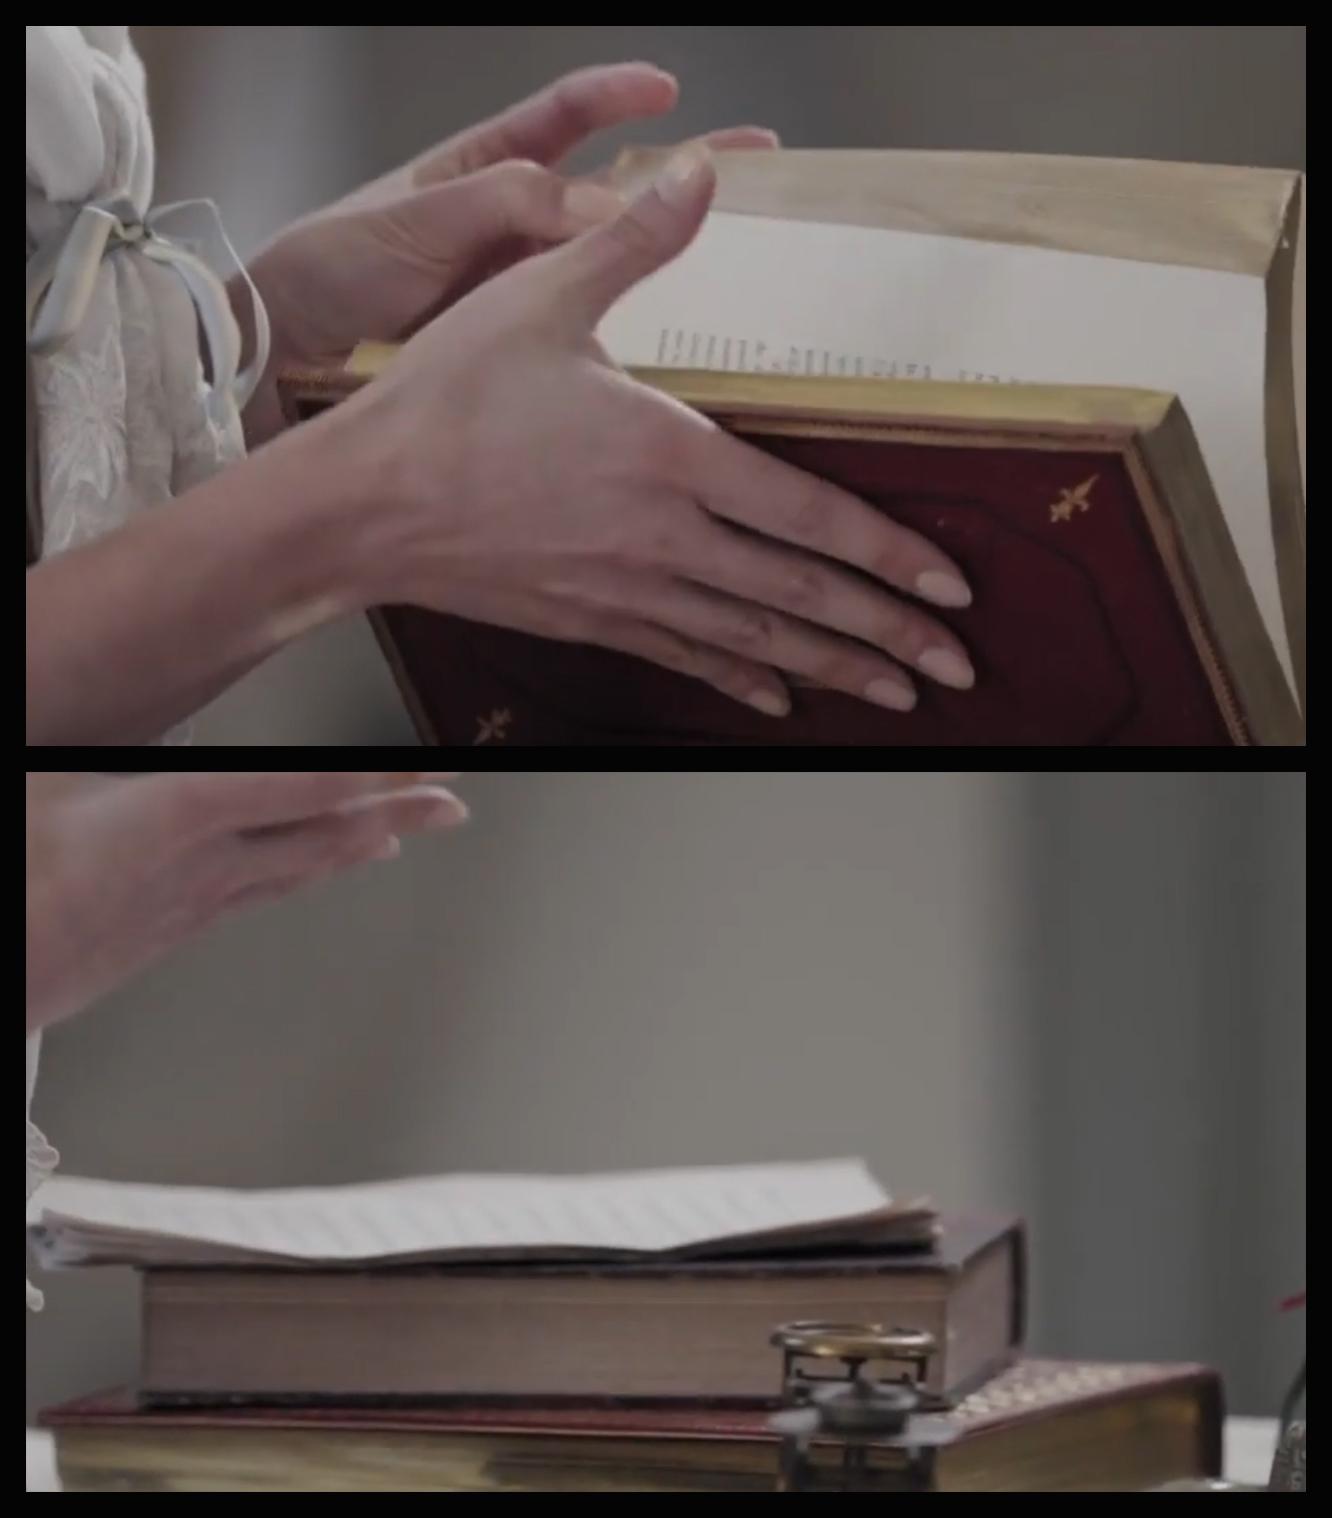 Voltaire ou la liberté de penser - Émilie du Châtelet - d'purb dpurb site web